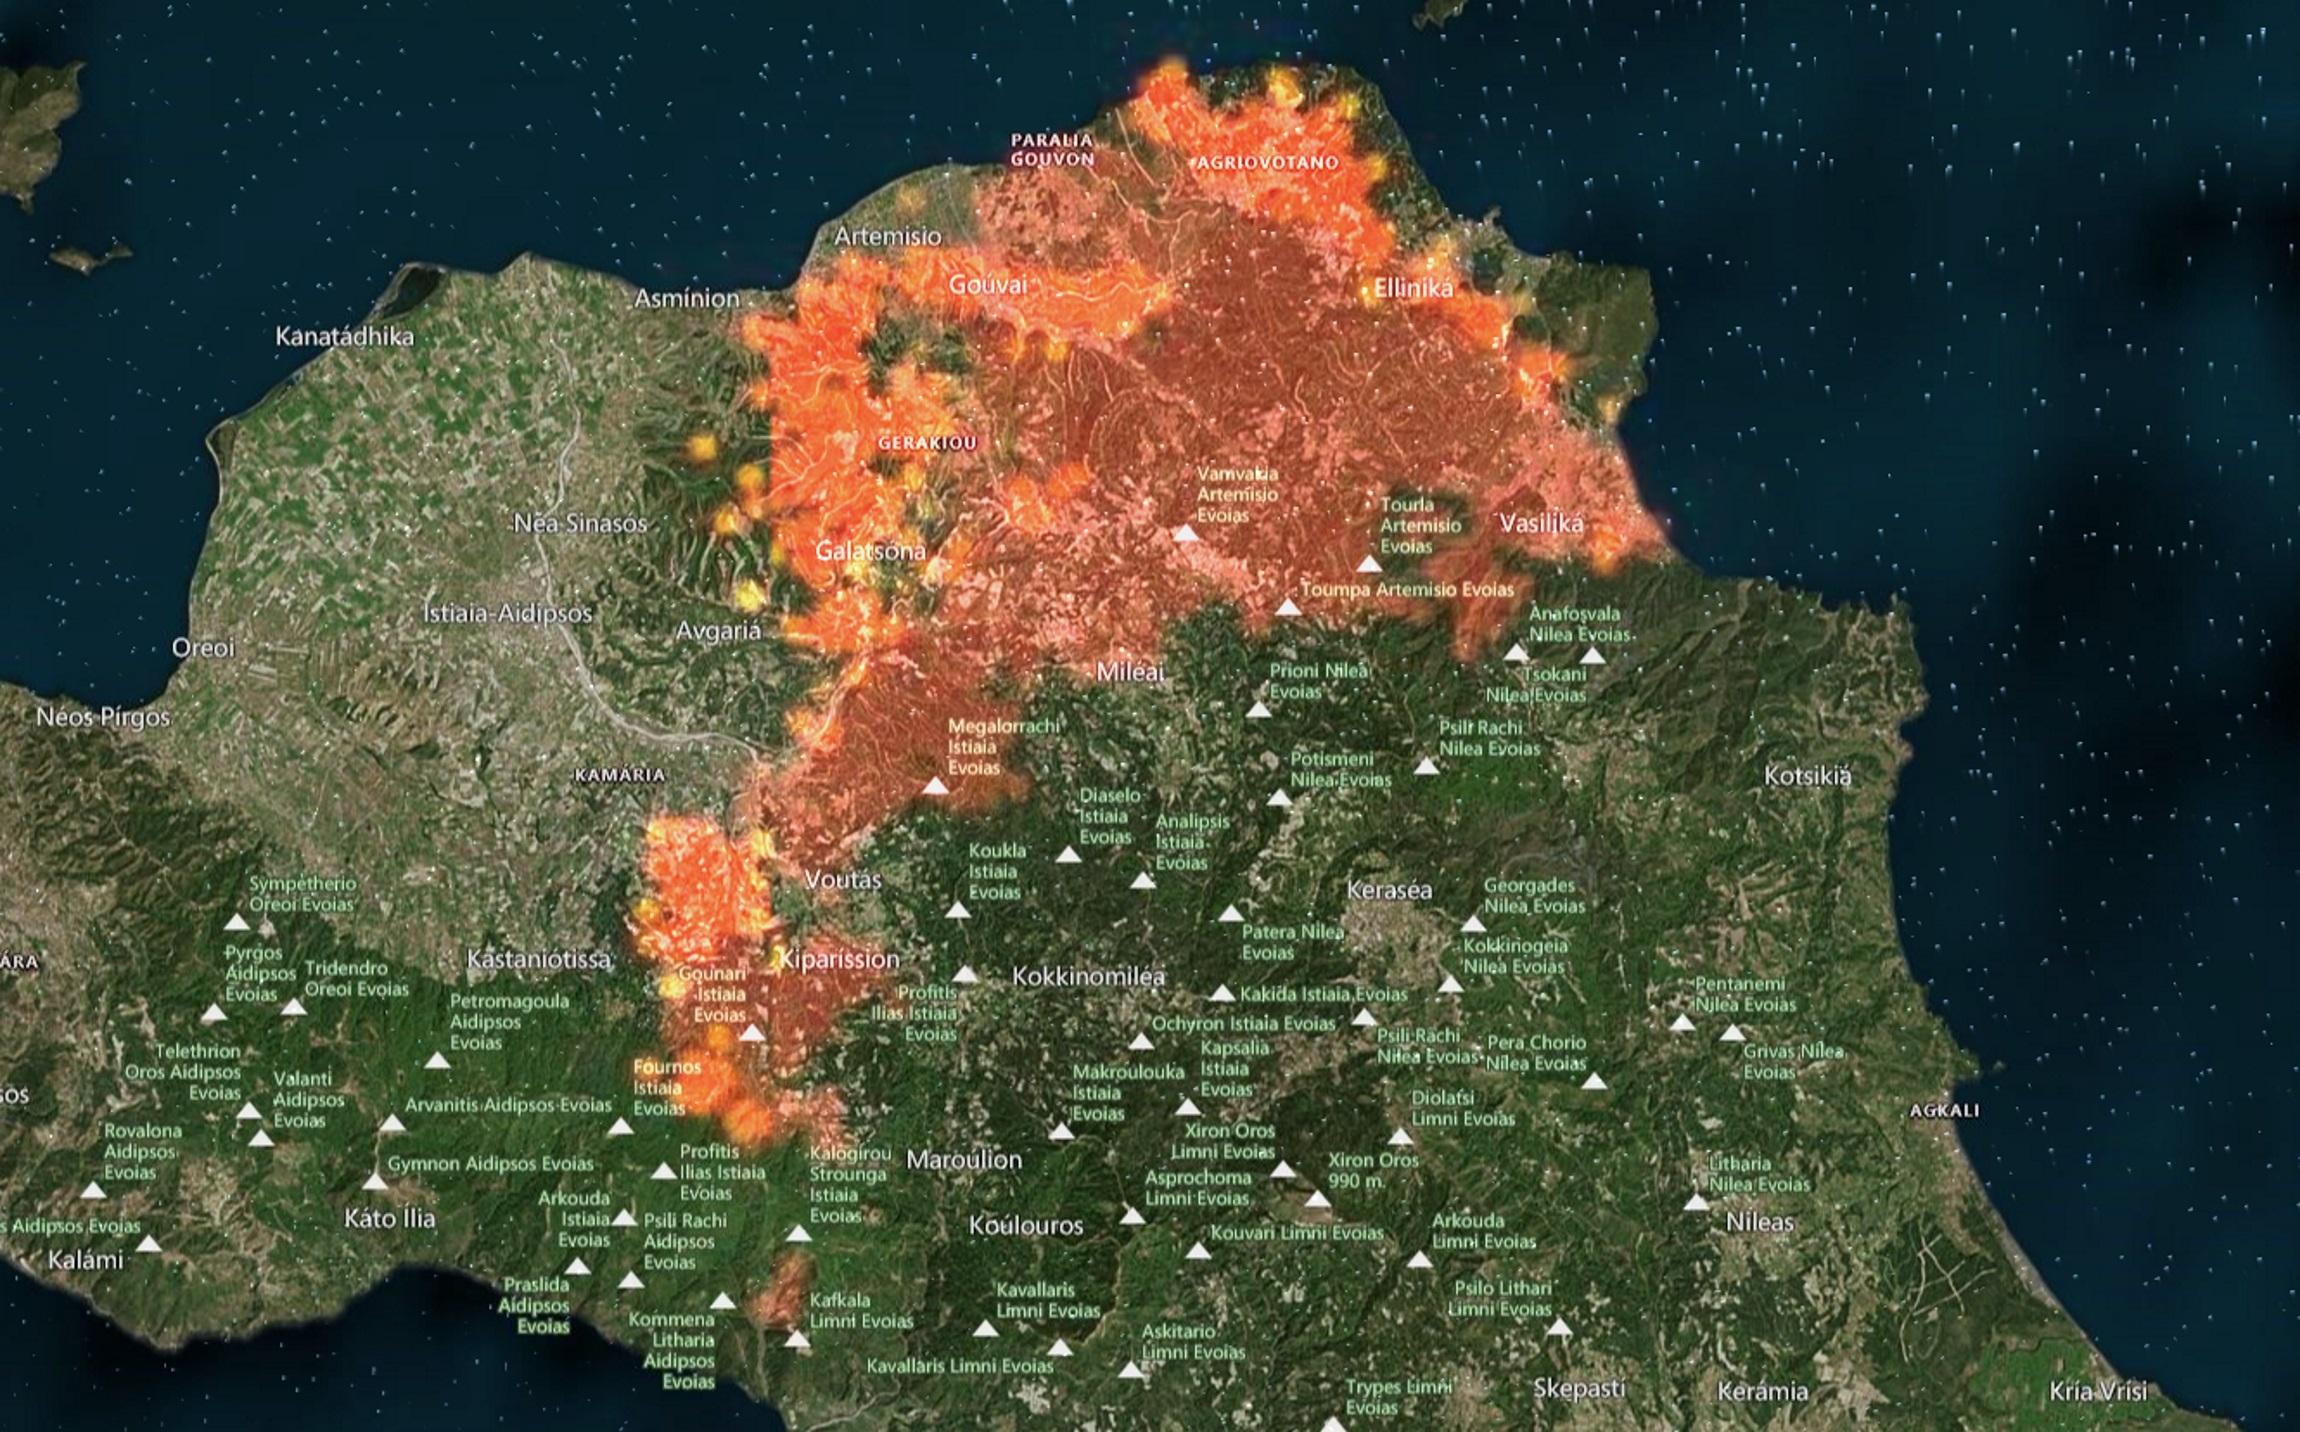 Φωτιές: Ήδη «στάχτη» 930.000 στρέμματα και είμαστε τρίτοι στη Μεσόγειο – LIVE χάρτης με τις πυρκαγιές